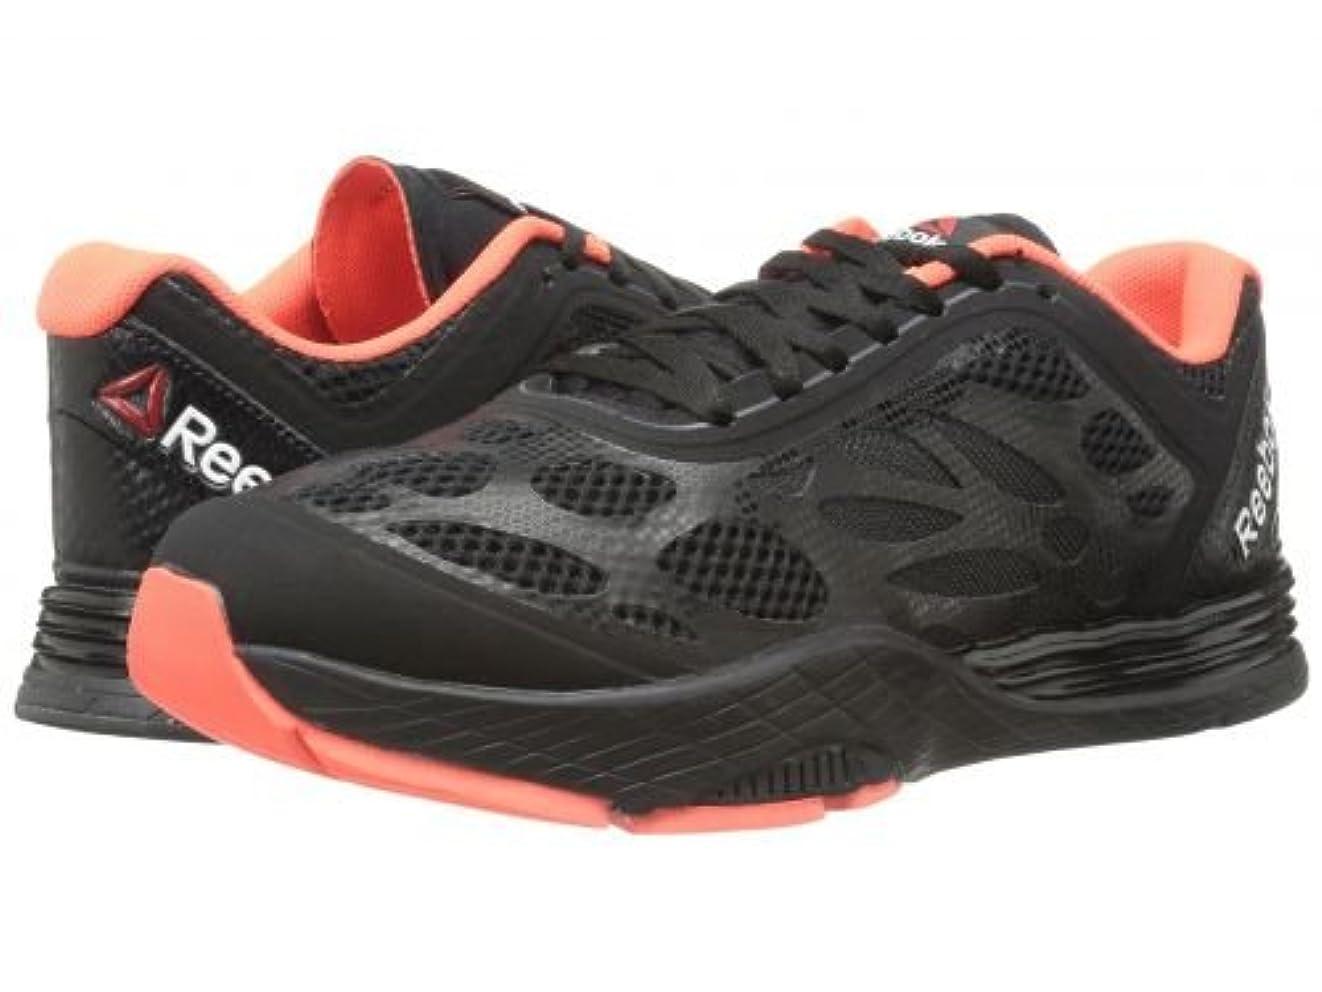 続編滅多相互接続Reebok(リーボック) レディース 女性用 シューズ 靴 スニーカー 運動靴 Cardio Ultra - Black/Vitamin C/Gravel [並行輸入品]